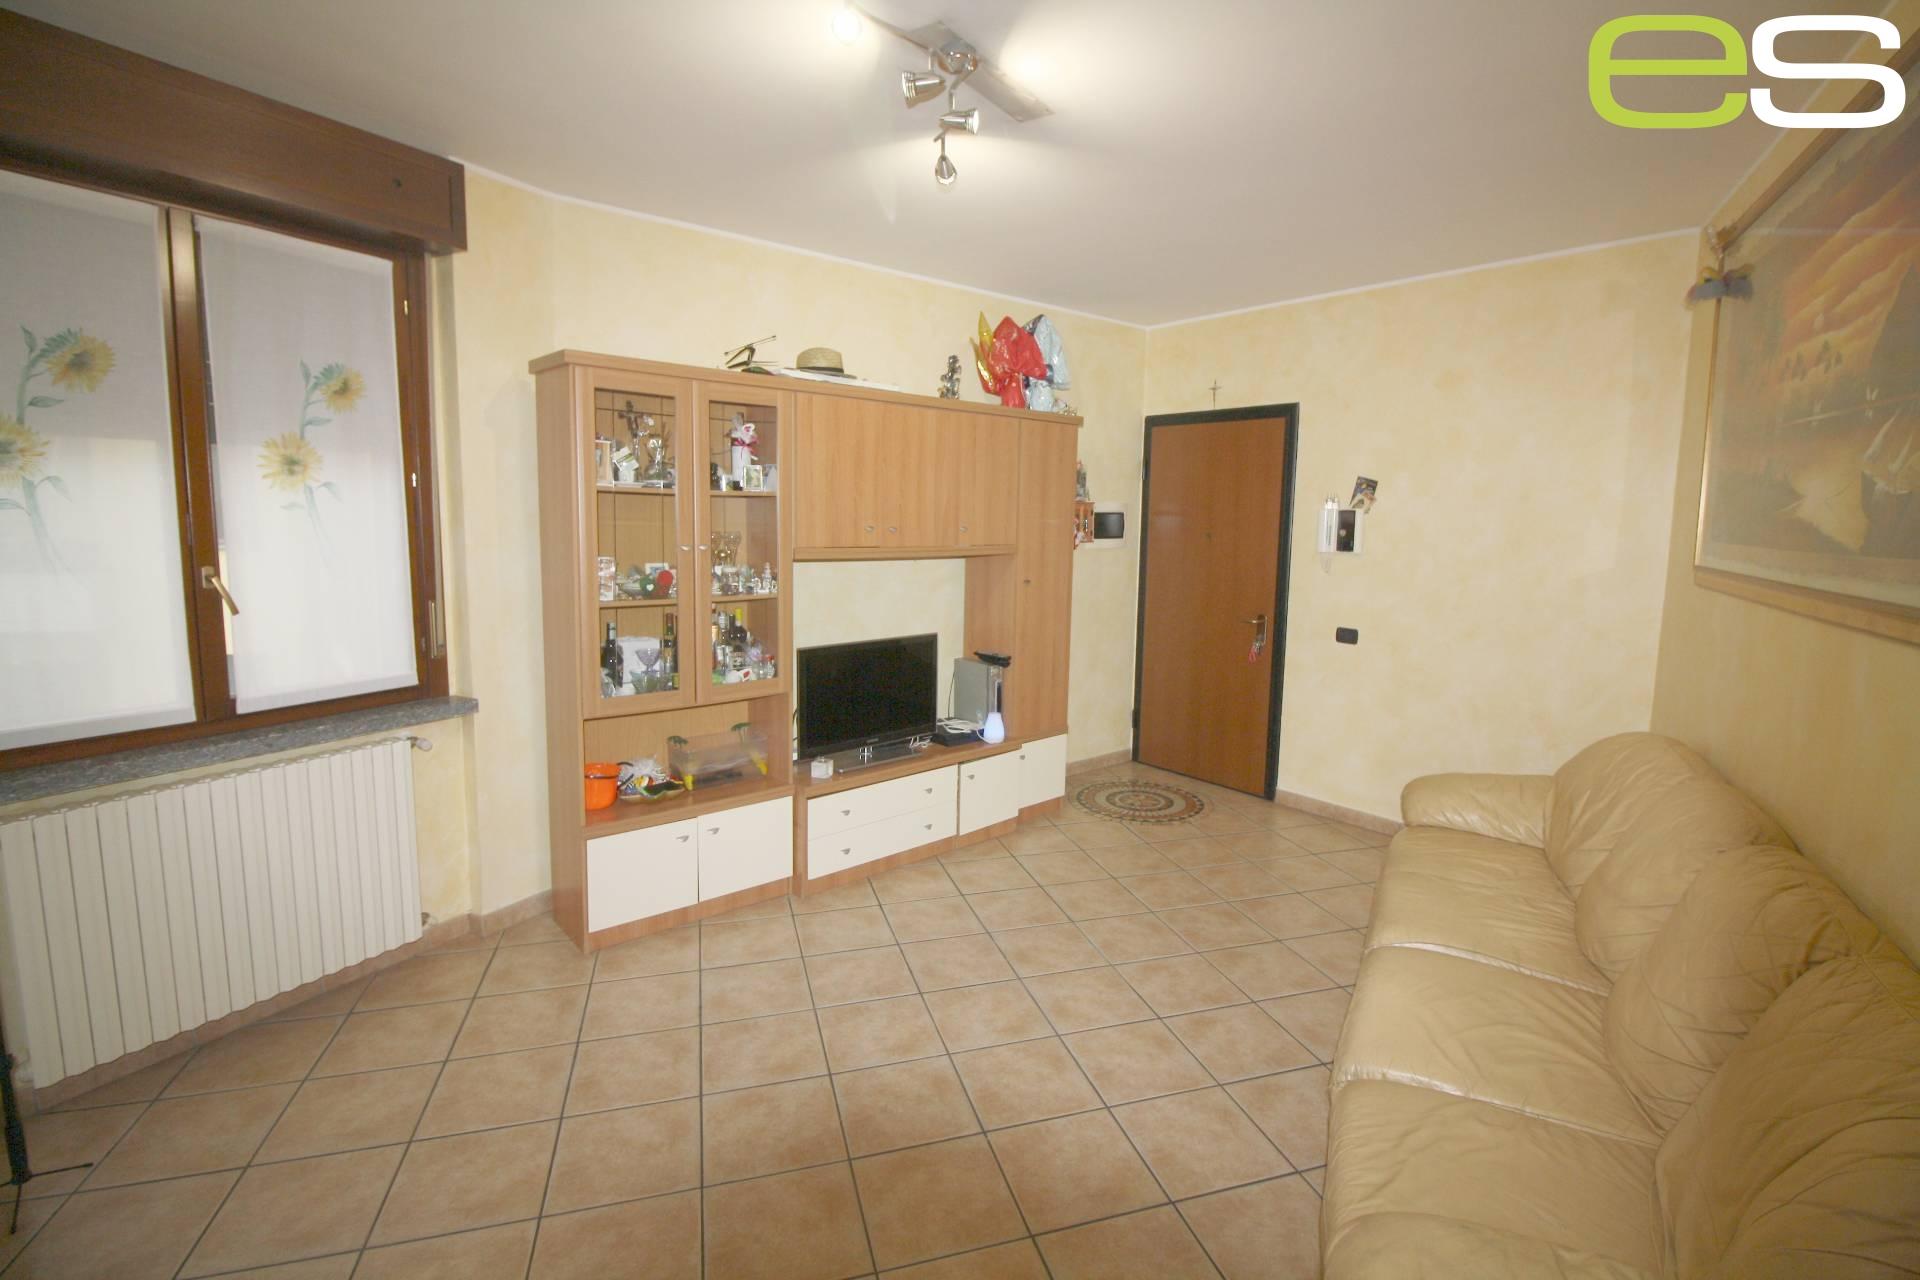 Appartamento in vendita a Veduggio con Colzano, 3 locali, prezzo € 123.000 | CambioCasa.it